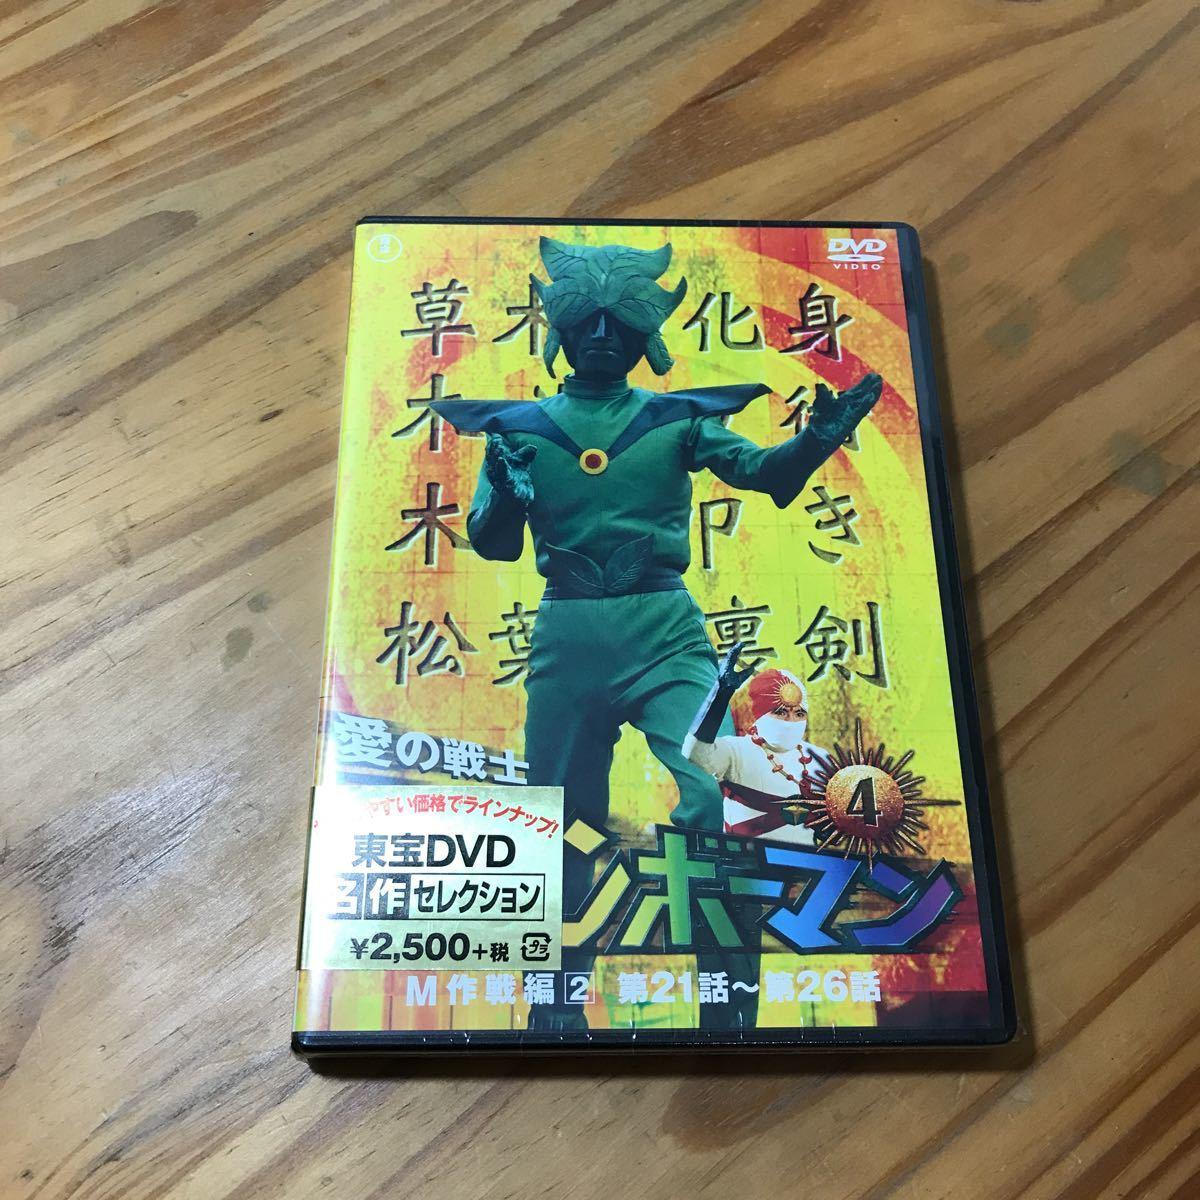 愛の戦士レインボーマンVOL.4 [DVD] 新品未開封_画像1